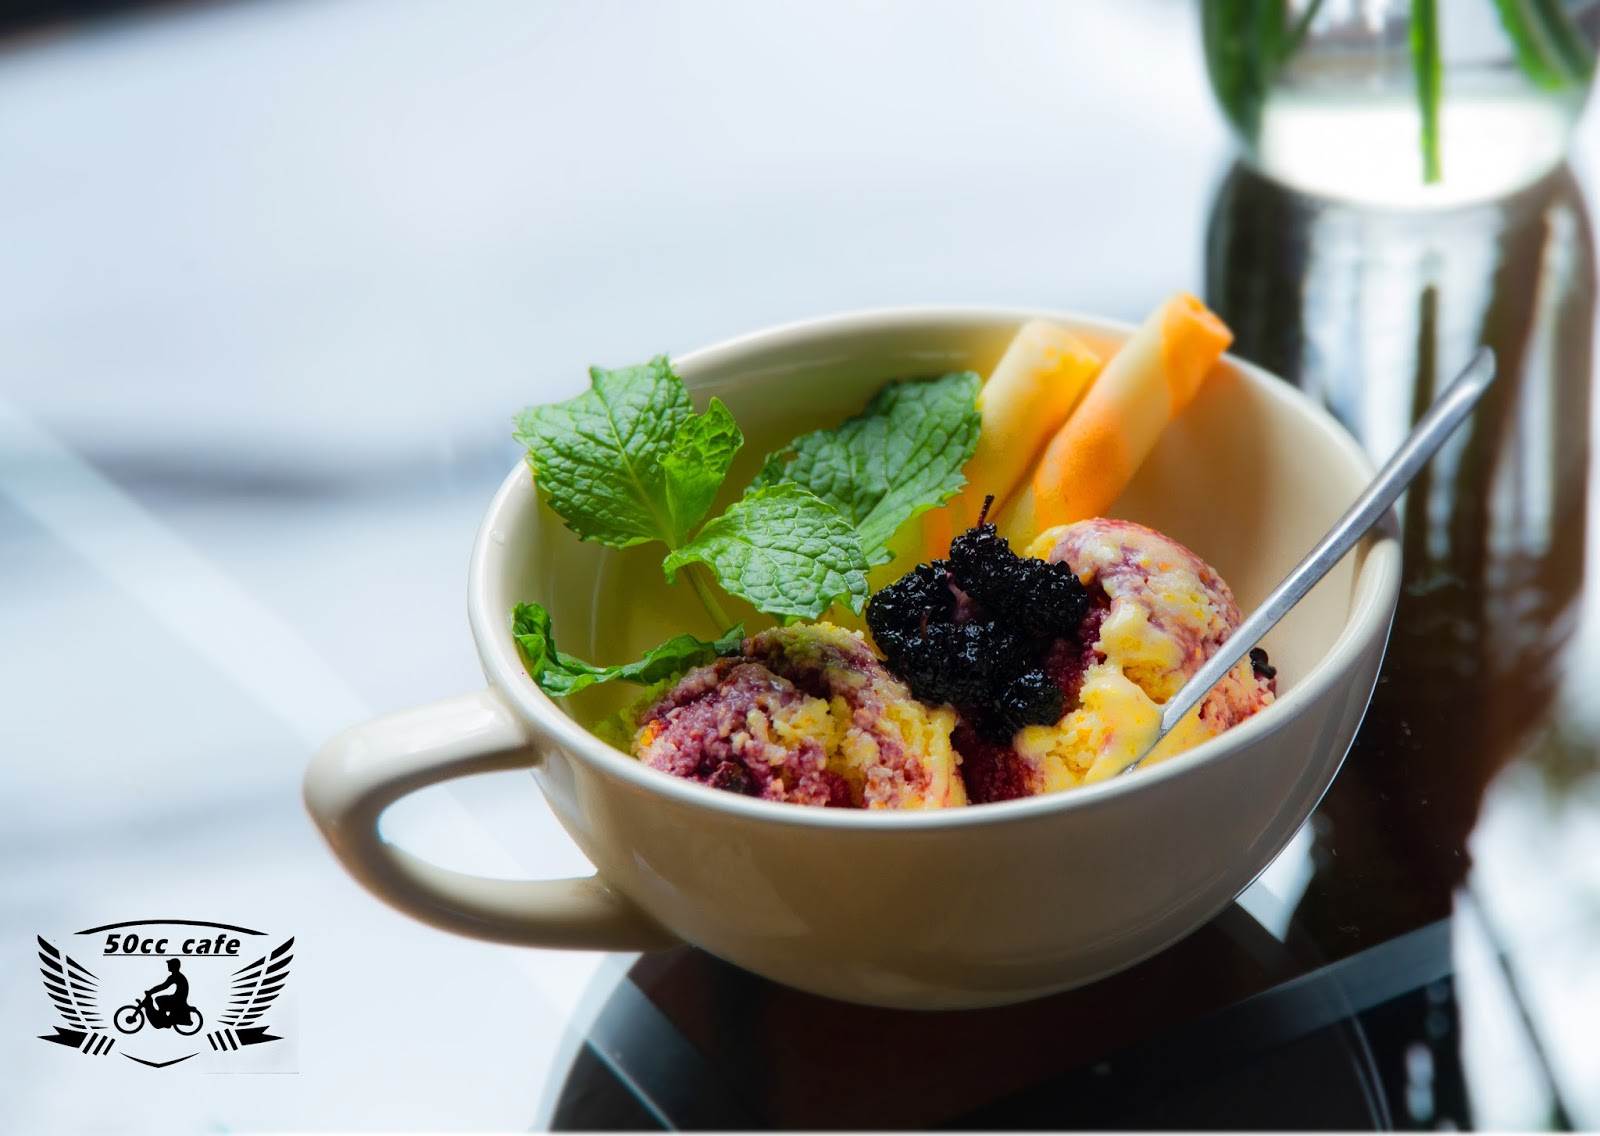 MG 0942 - [Cafe DaLat] 50cc Cafe một phong cách mới cho TP Đà Lạt